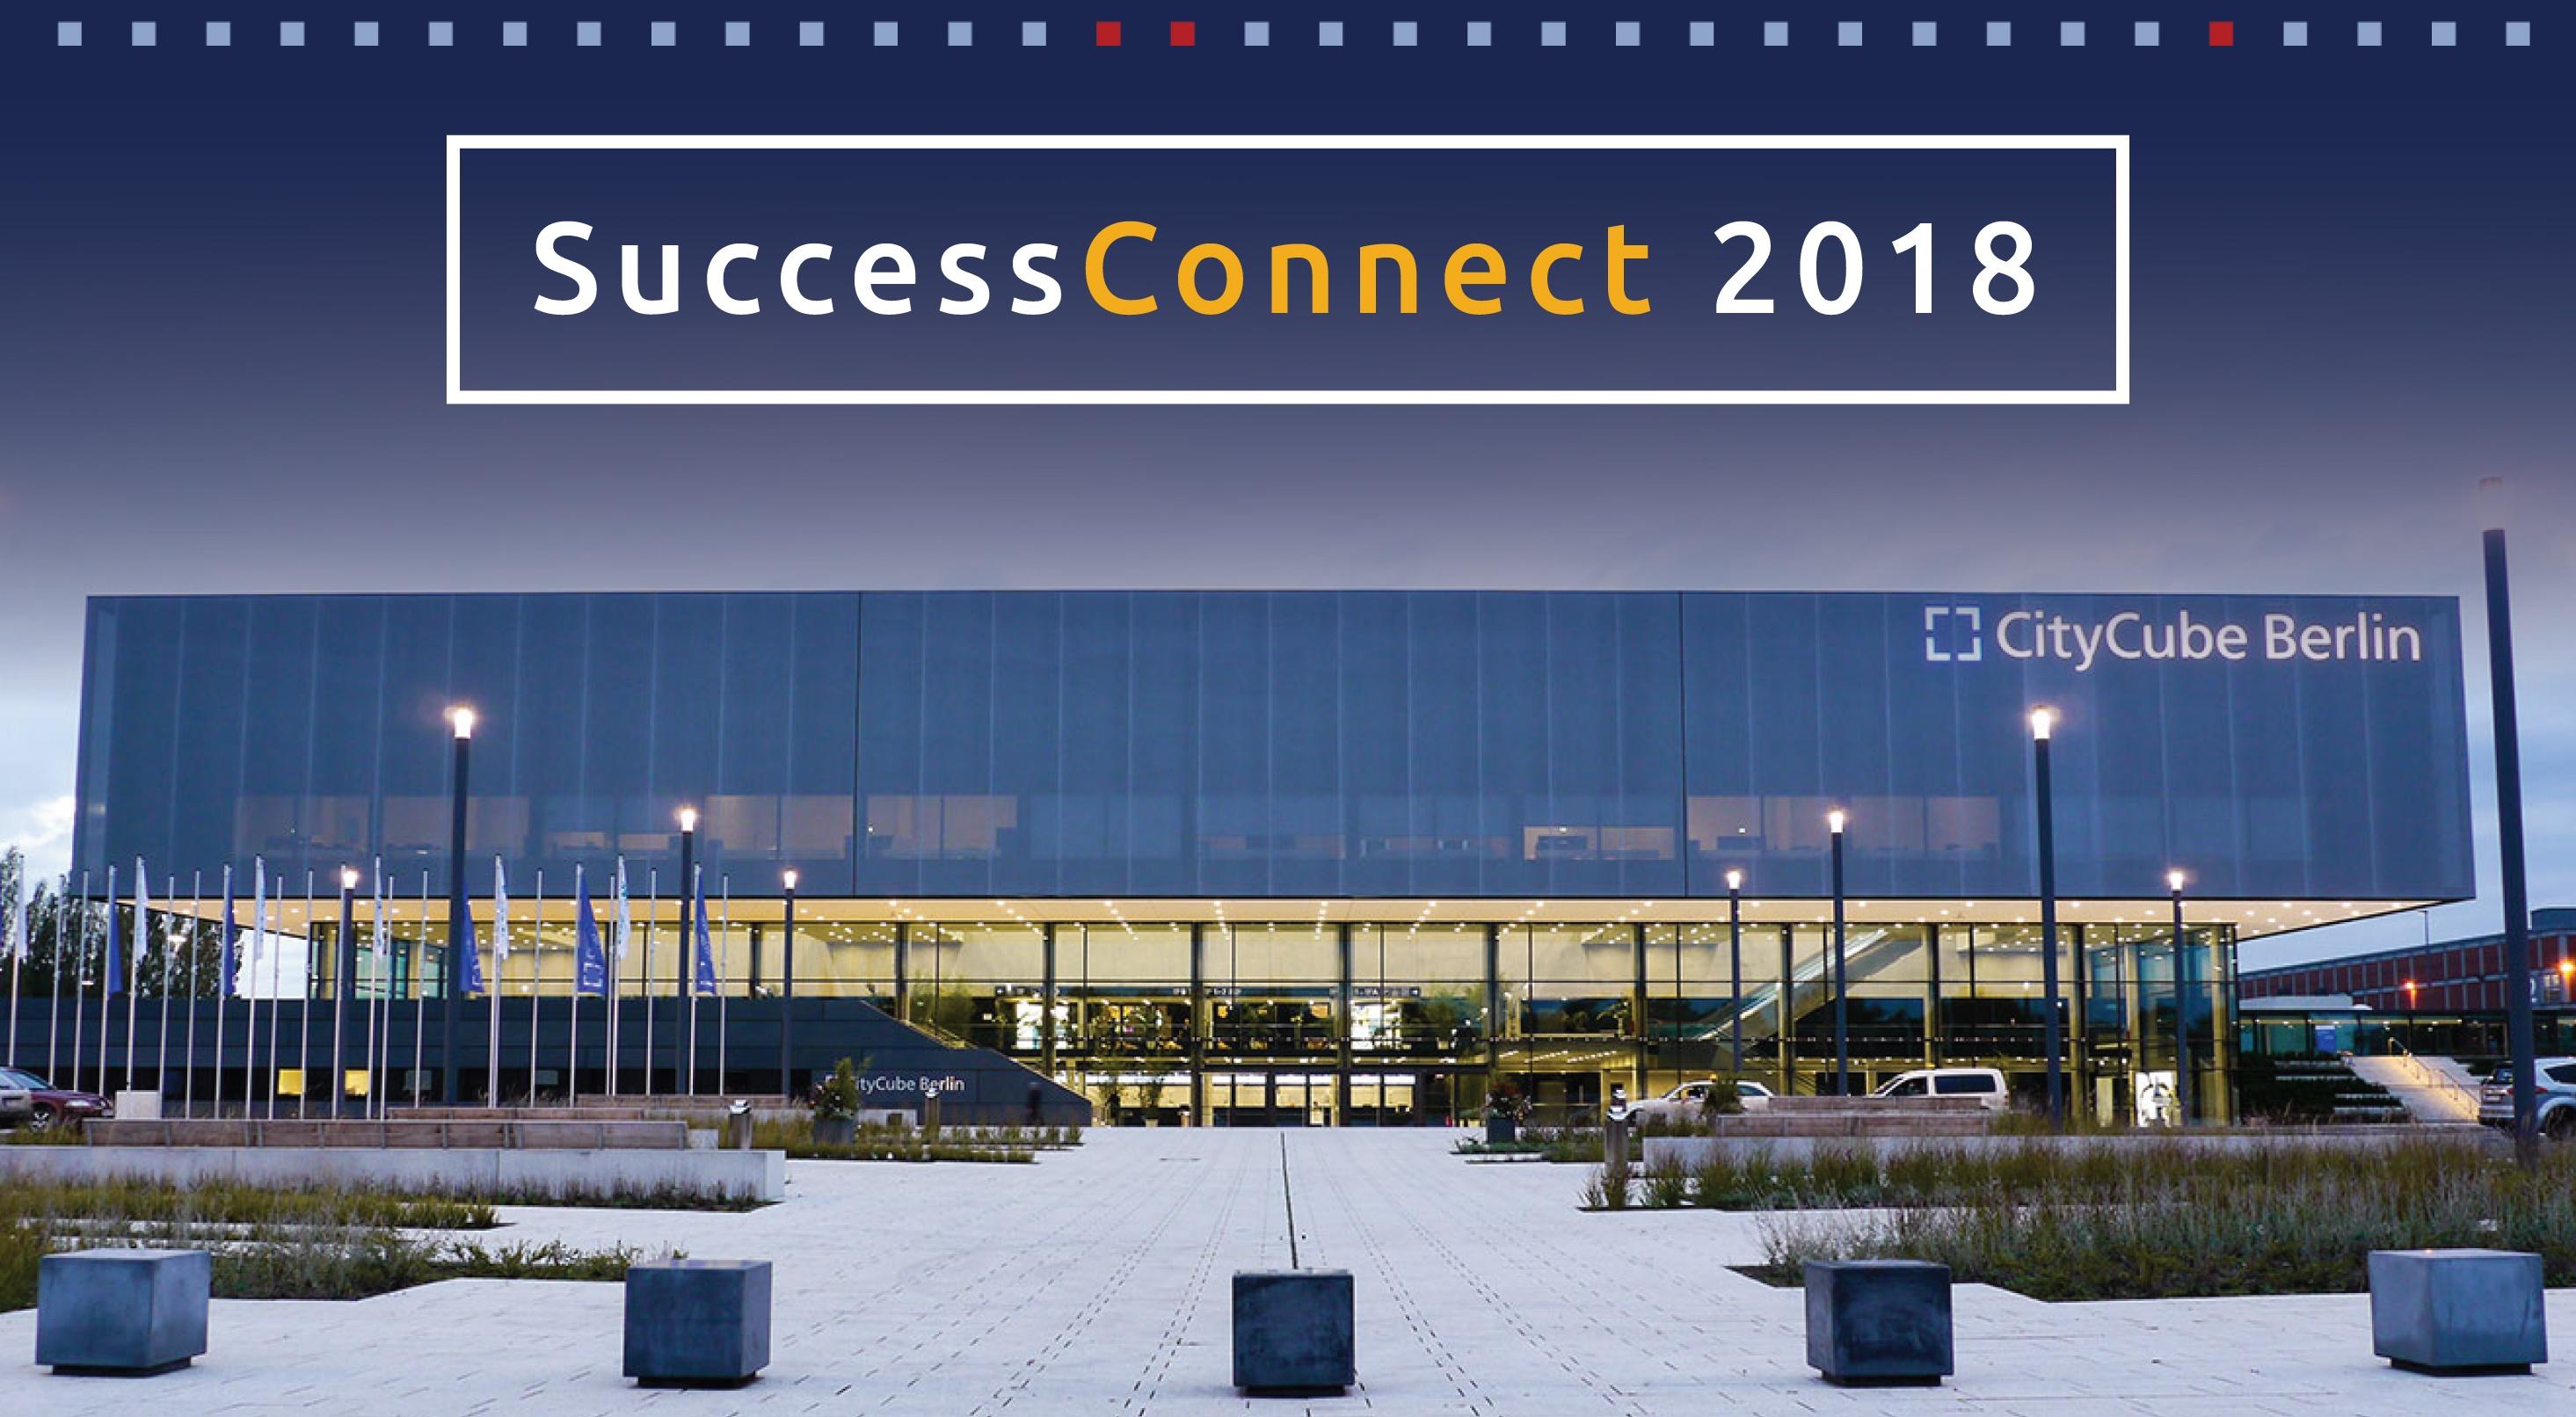 SuccessConnect 2018